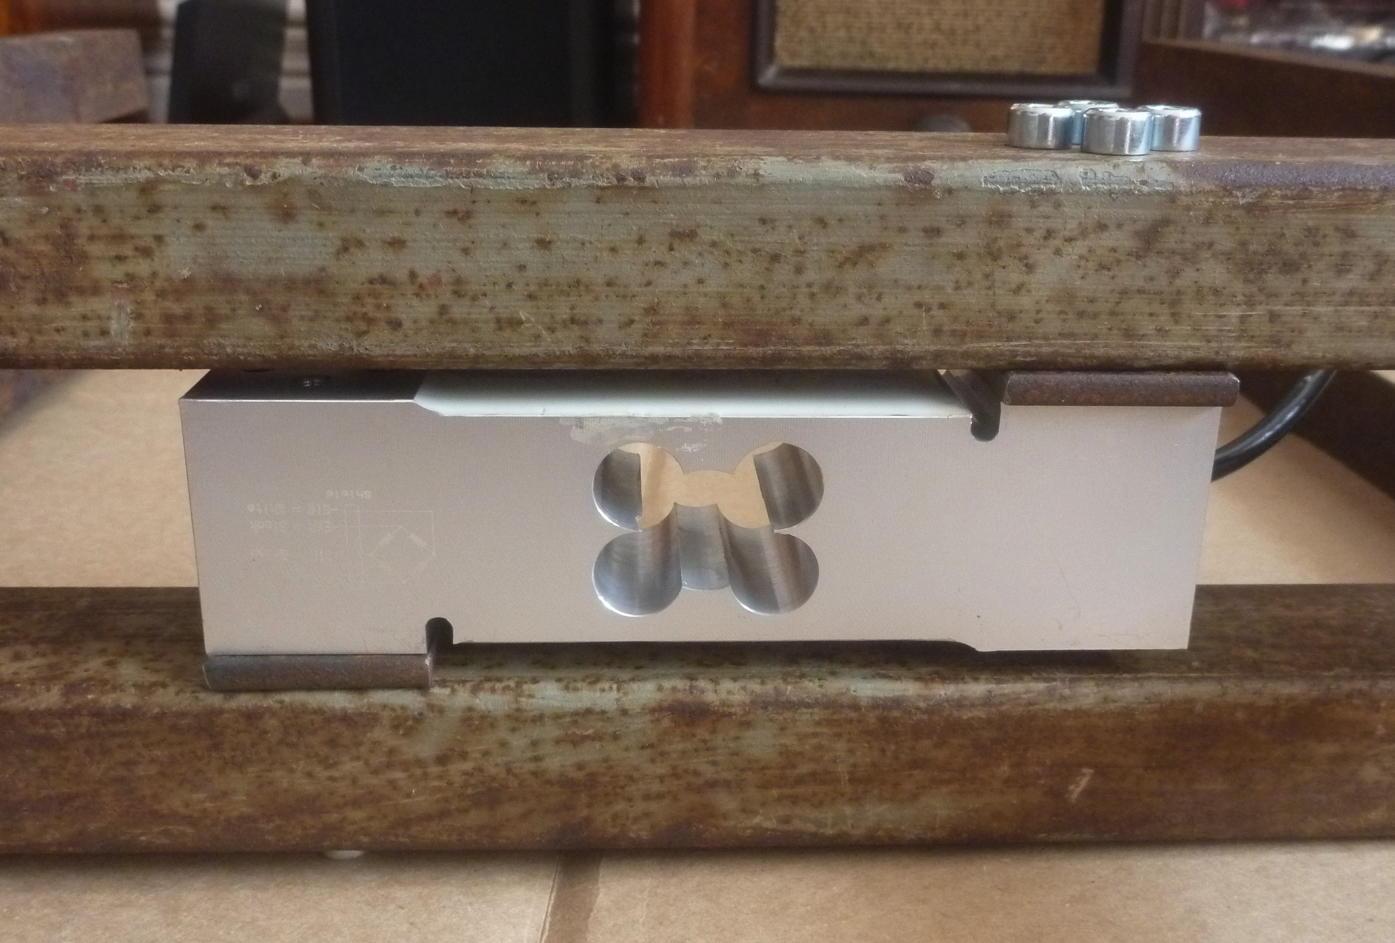 Wägezelle verschraubt zwischen den zwei H-Stücken des Wiegegestells